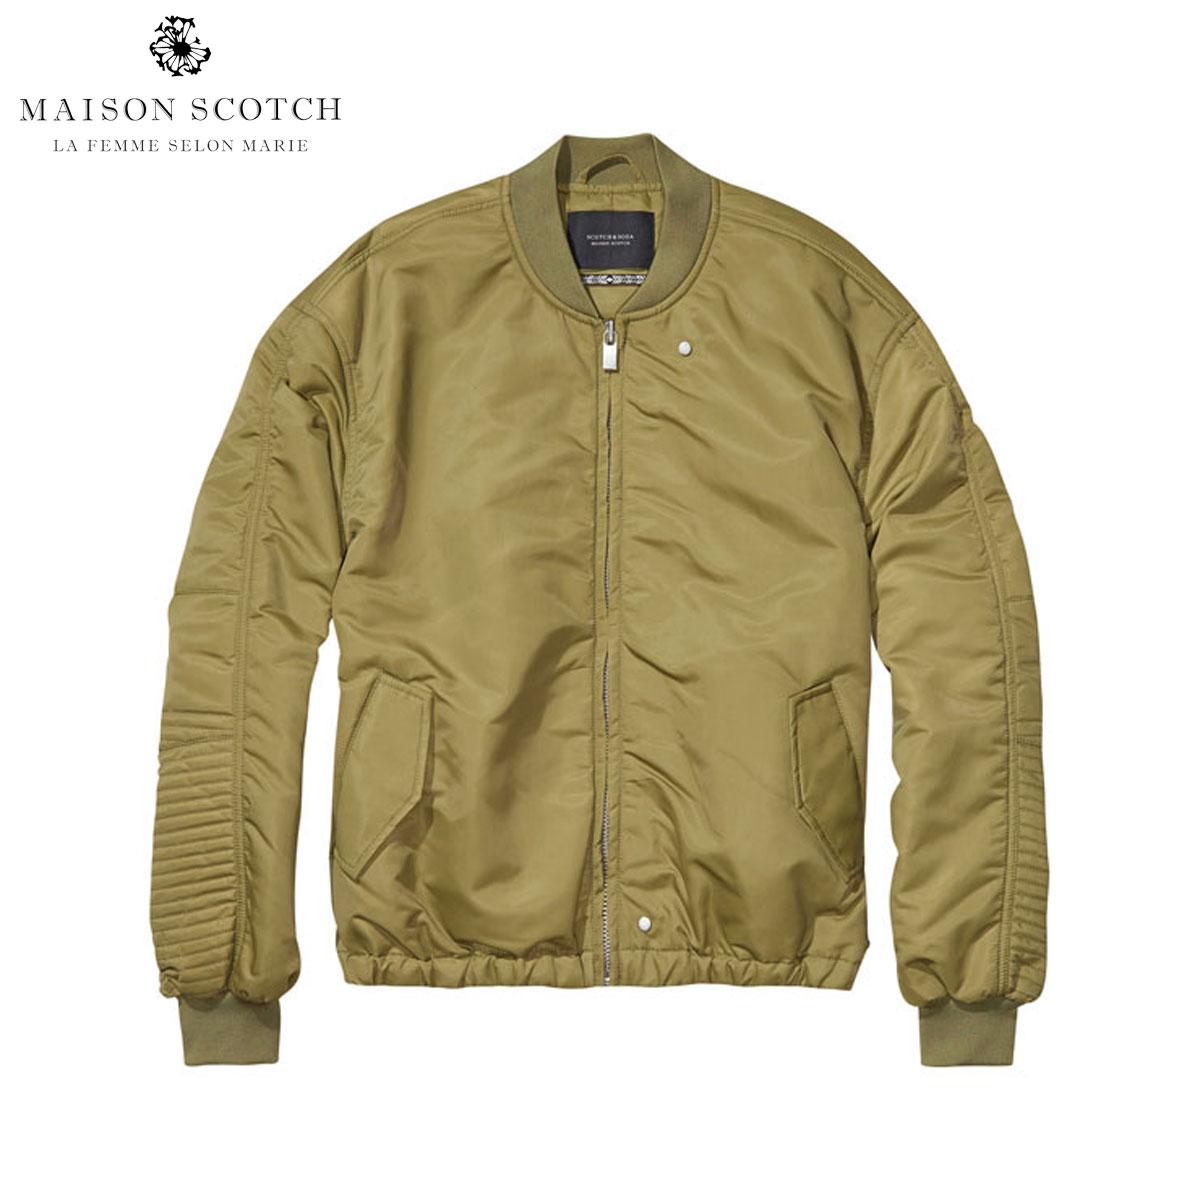 メゾンスコッチ MAISON SCOTCH 正規販売店 レディース ジャケット Ma-1 jacket 101912 15 D00S20